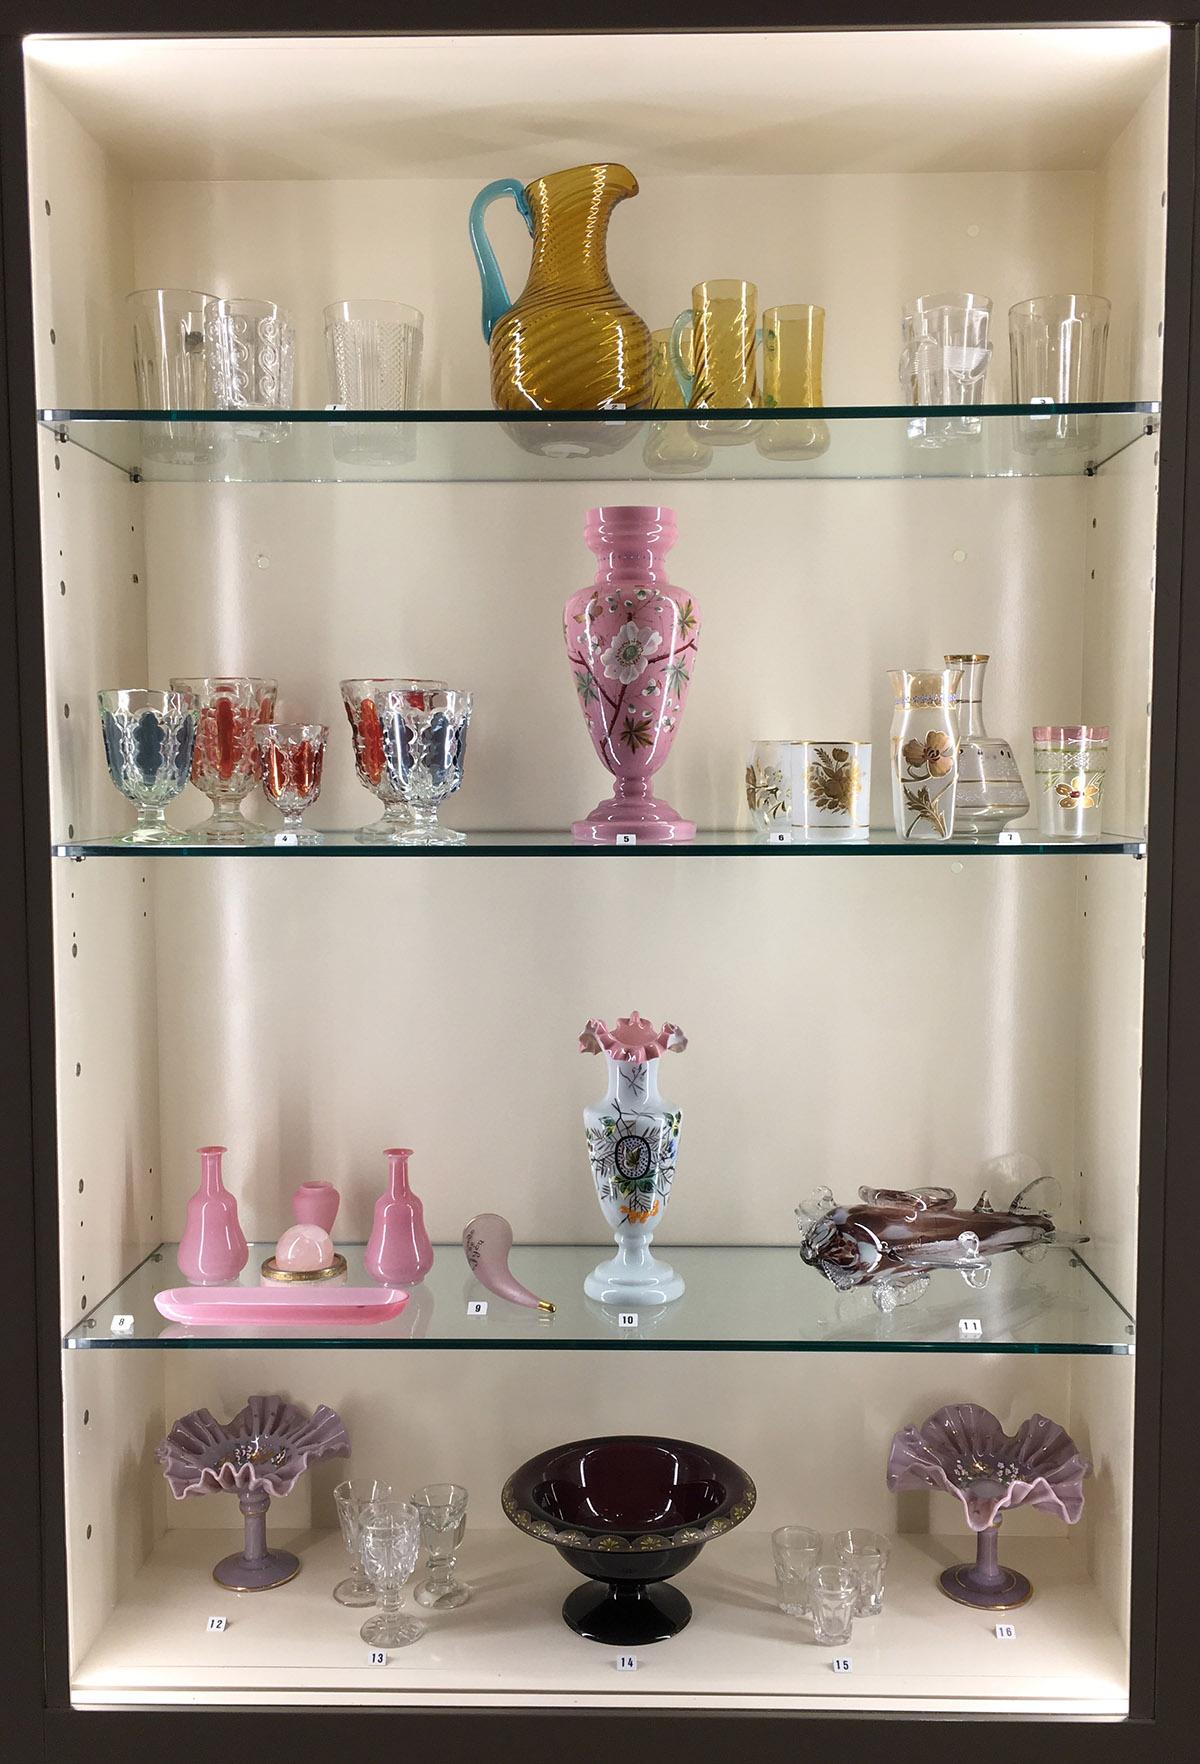 Donación por parte de la familia Vinck con más de un centenar de piezas de vidrio confeccionadas en la fábrica gijonesa de La Industria.